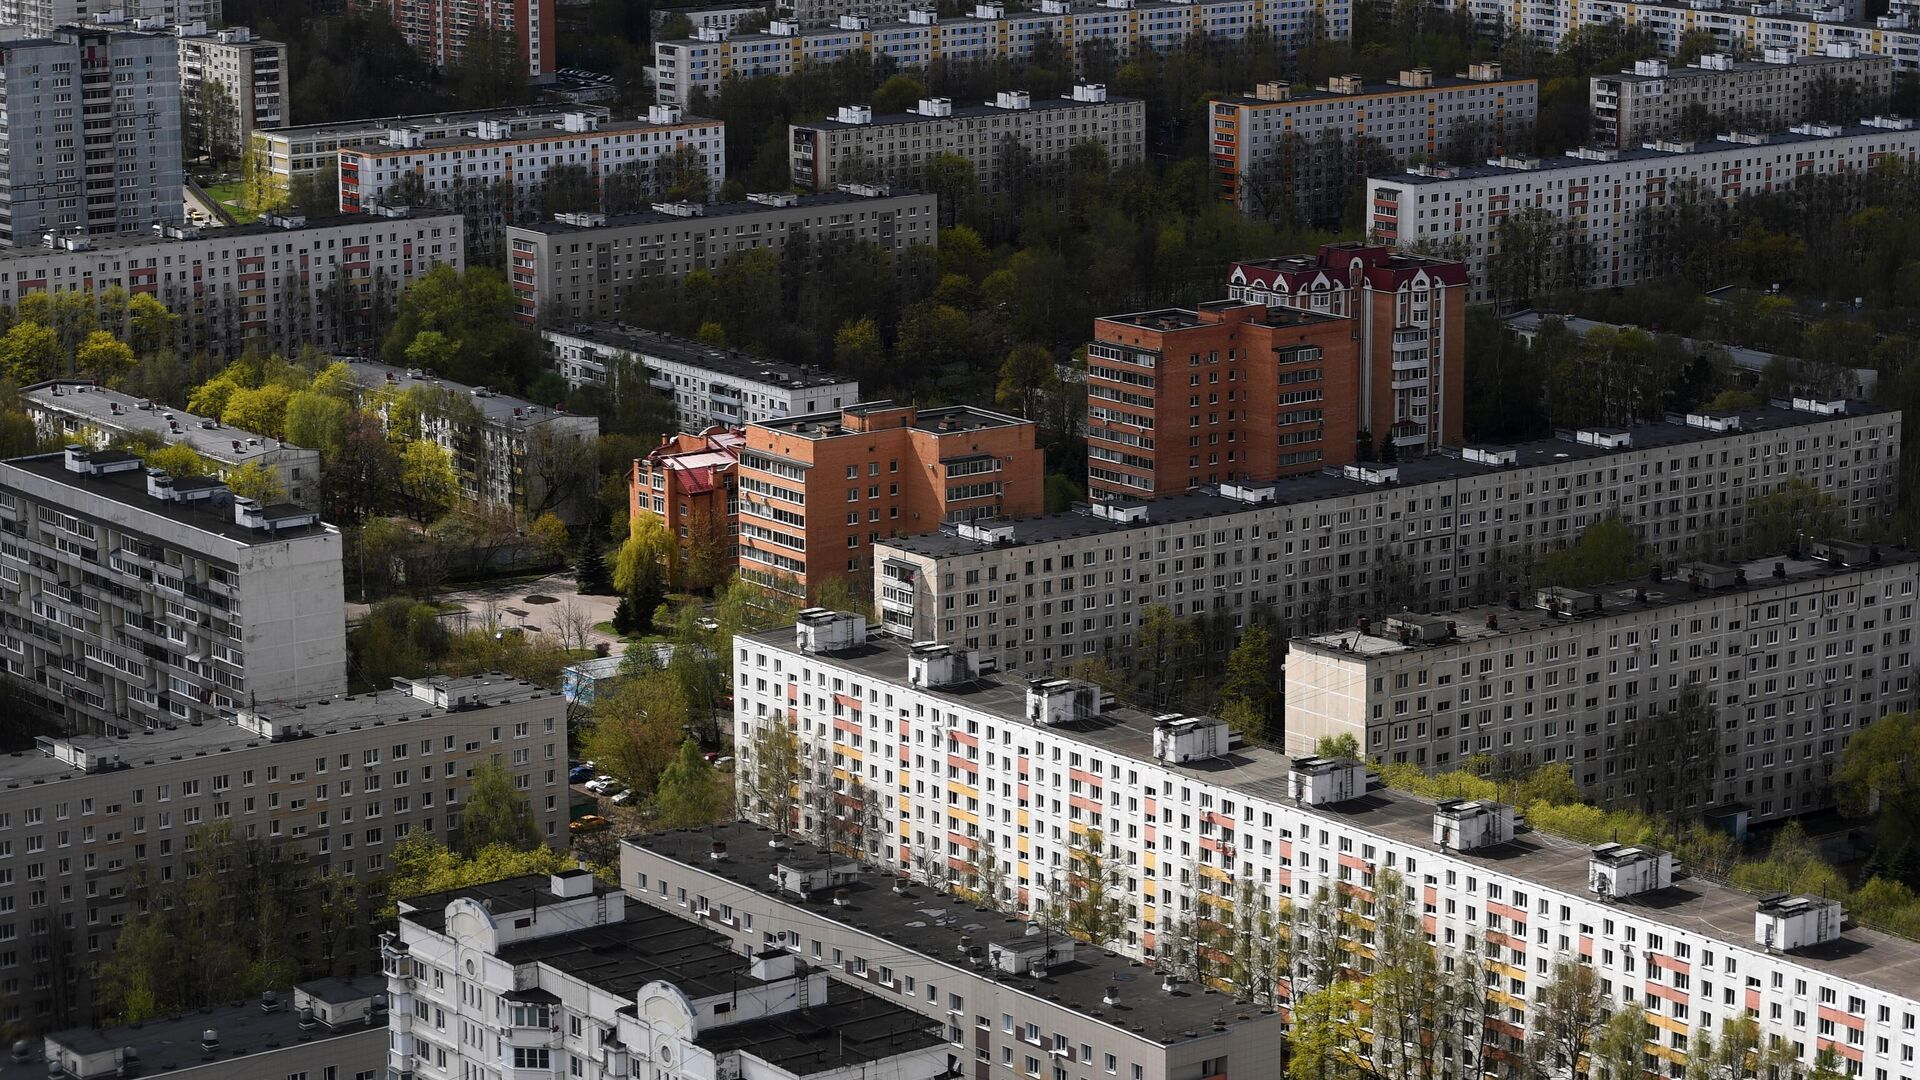 Жилые дома в одном из районов Москвы - РИА Новости, 1920, 10.06.2021